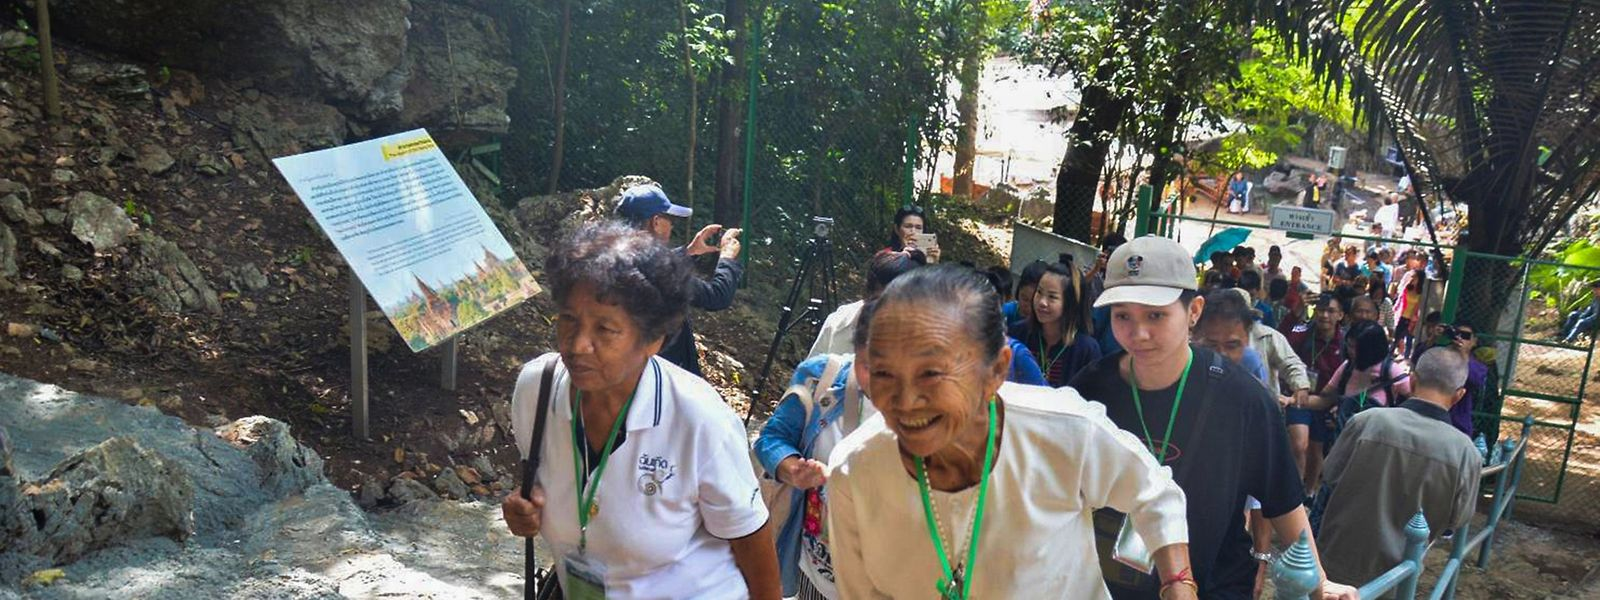 Rund 2.500 Touristen kamen am Freitag, um die Höhle zu besuchen.